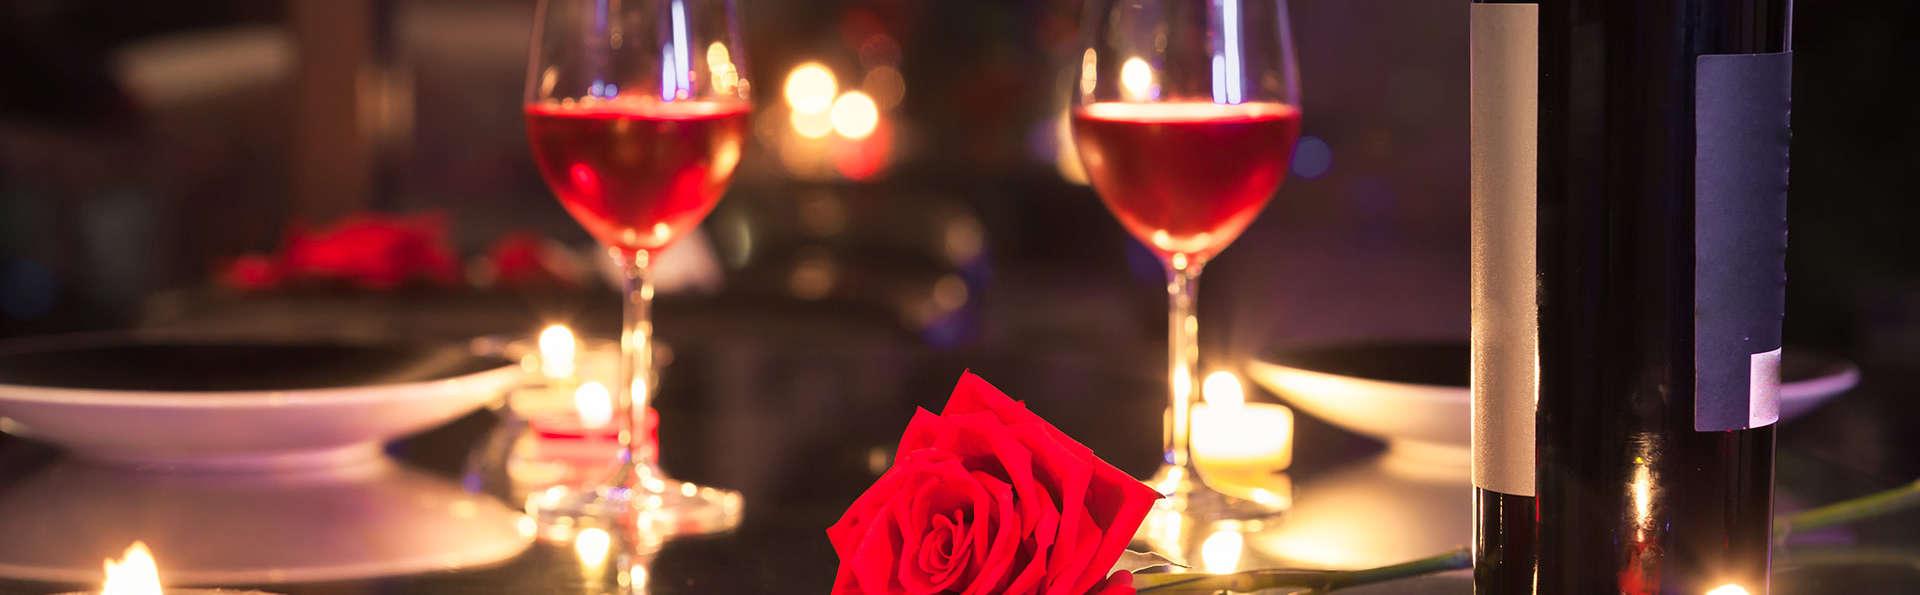 Febrero Romántico: Spa privado, cena degustación y bombones en el corazón de la Ribera del Duero